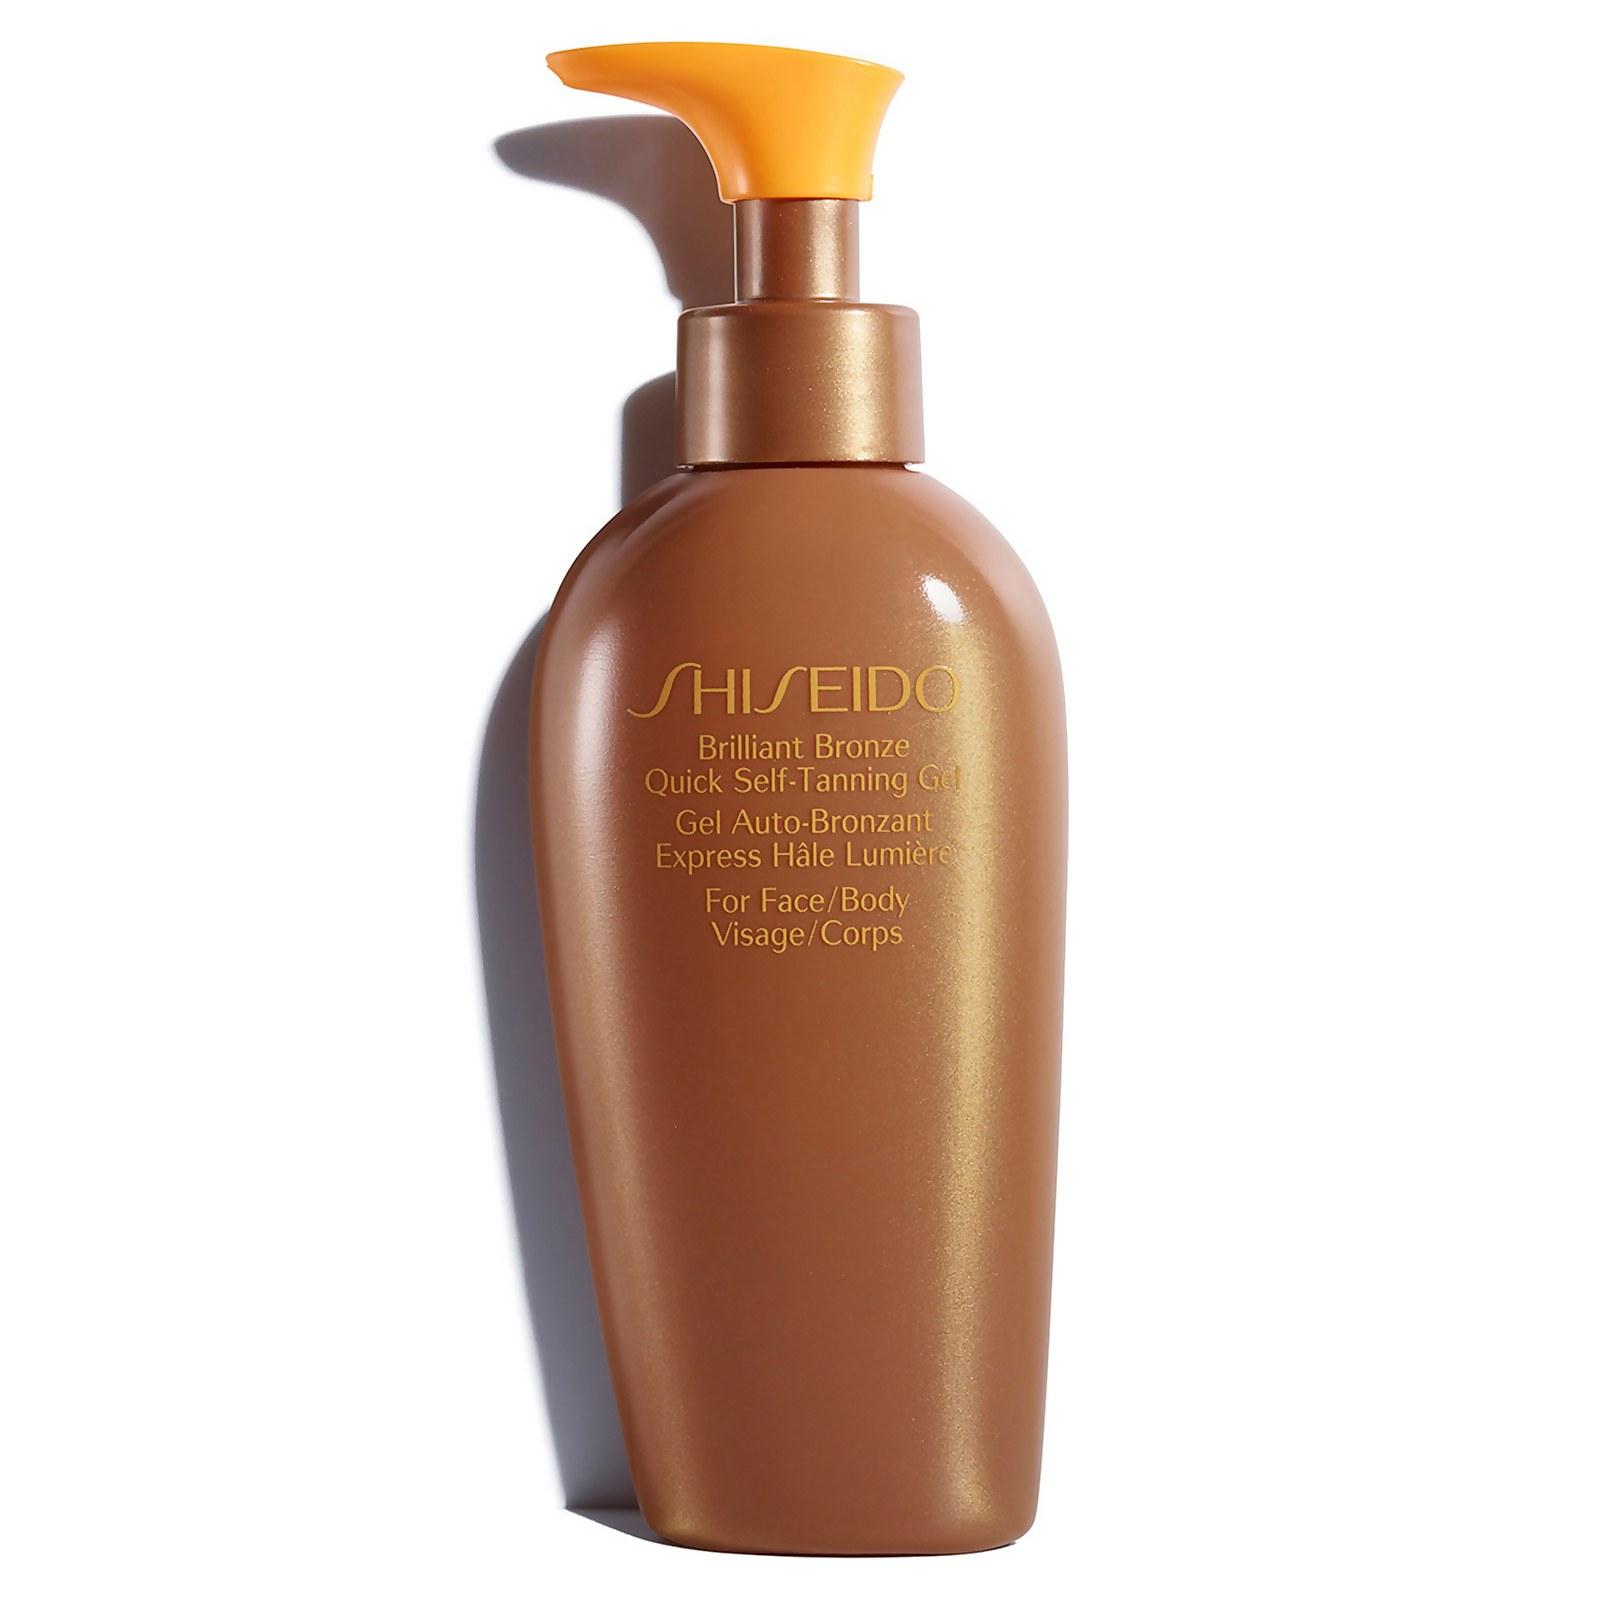 Купить Shiseido Brilliant Bronze Quick Self-Tanning Gel 20g